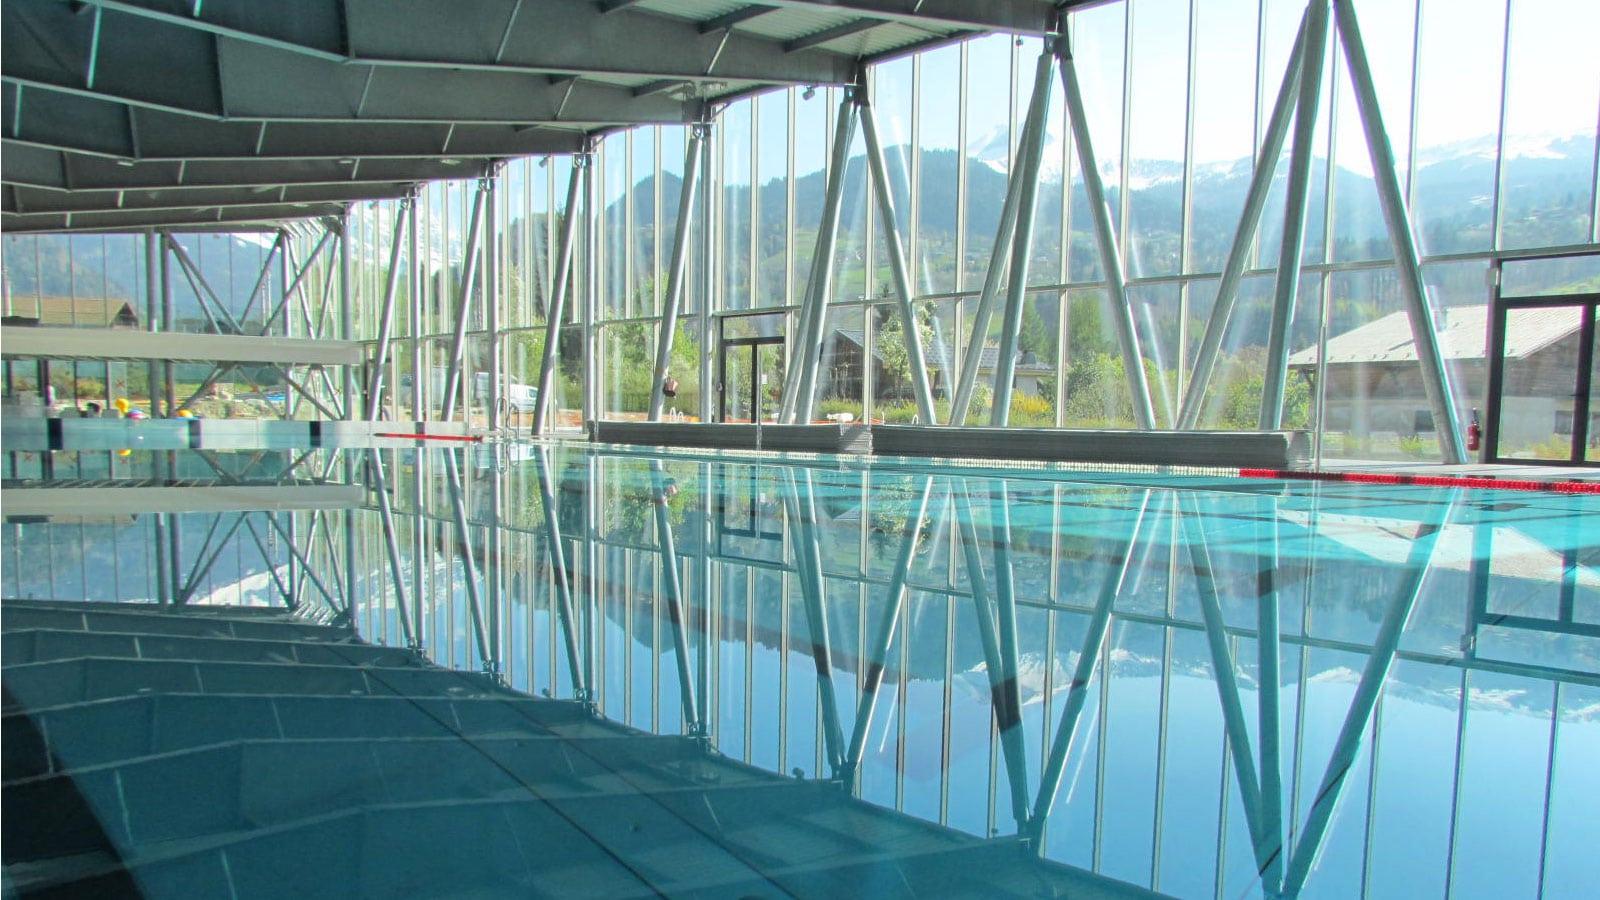 Piscine-Saint-Gervais-Les-Bains-16-9 | Unlimited Saint Gervais à Piscine Saint Gervais Les Bains